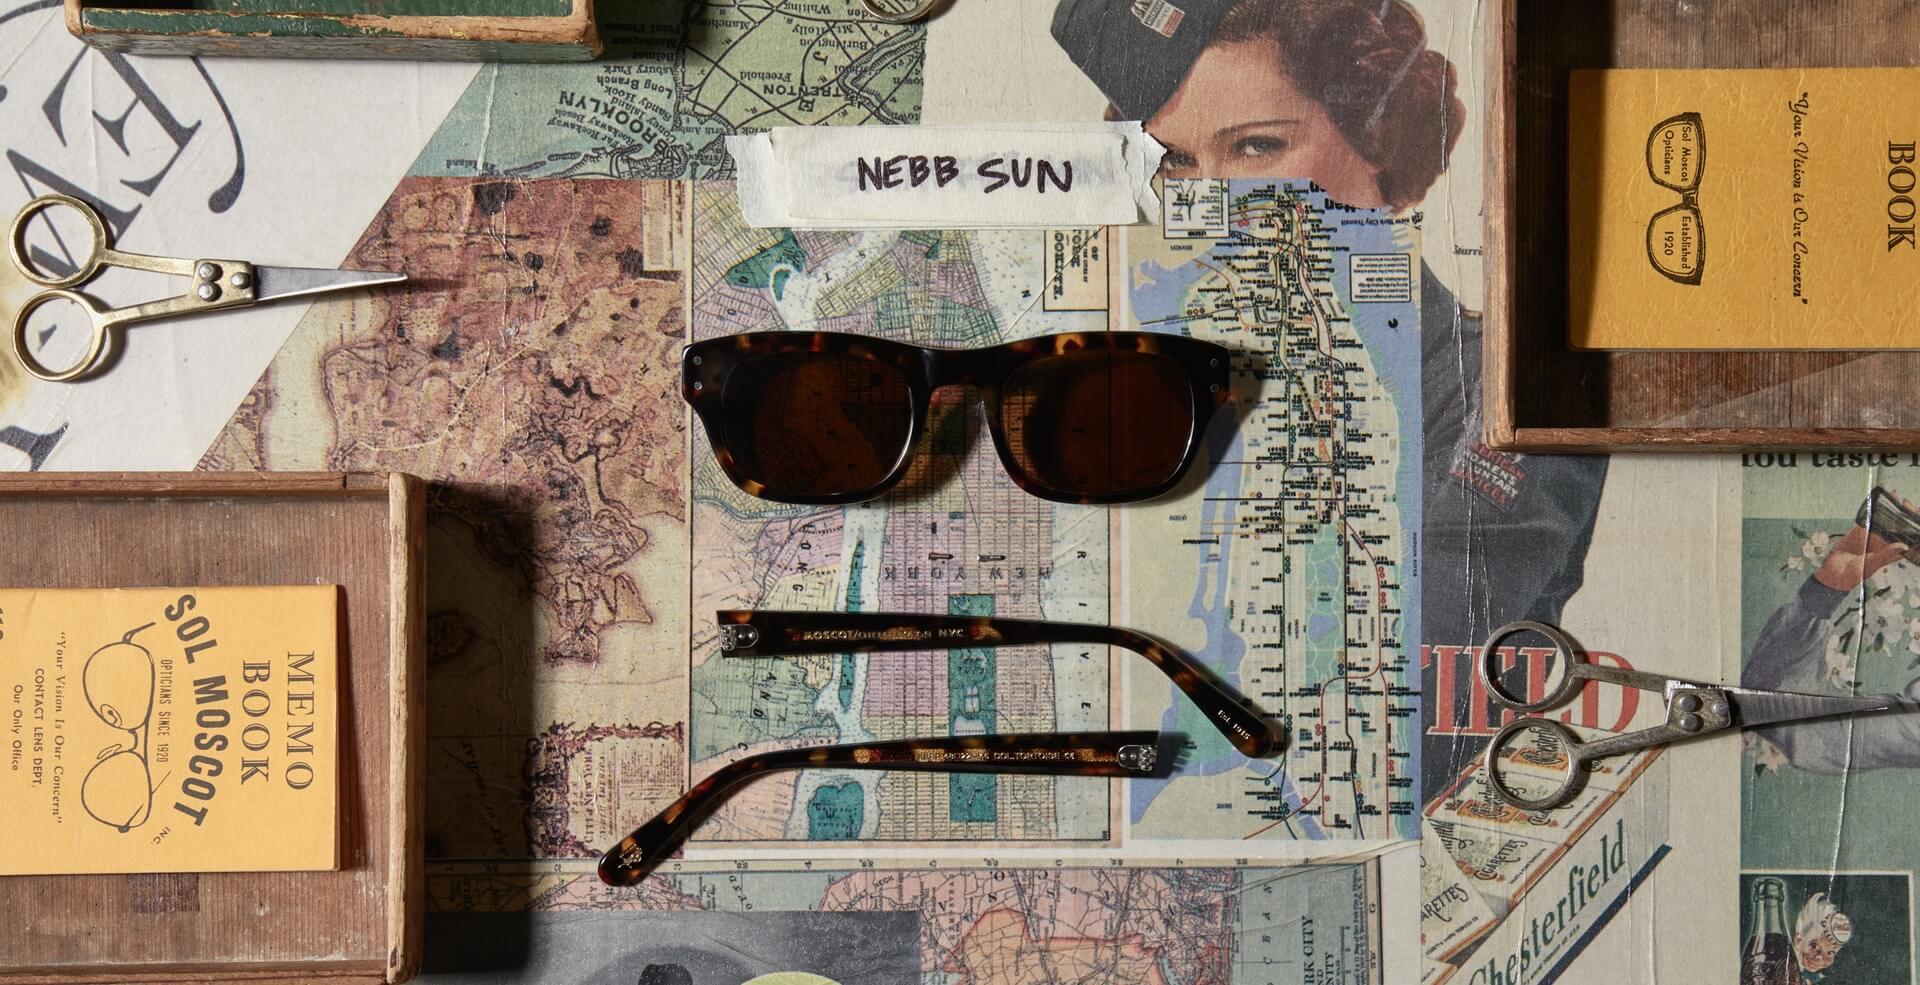 NEBB SUN